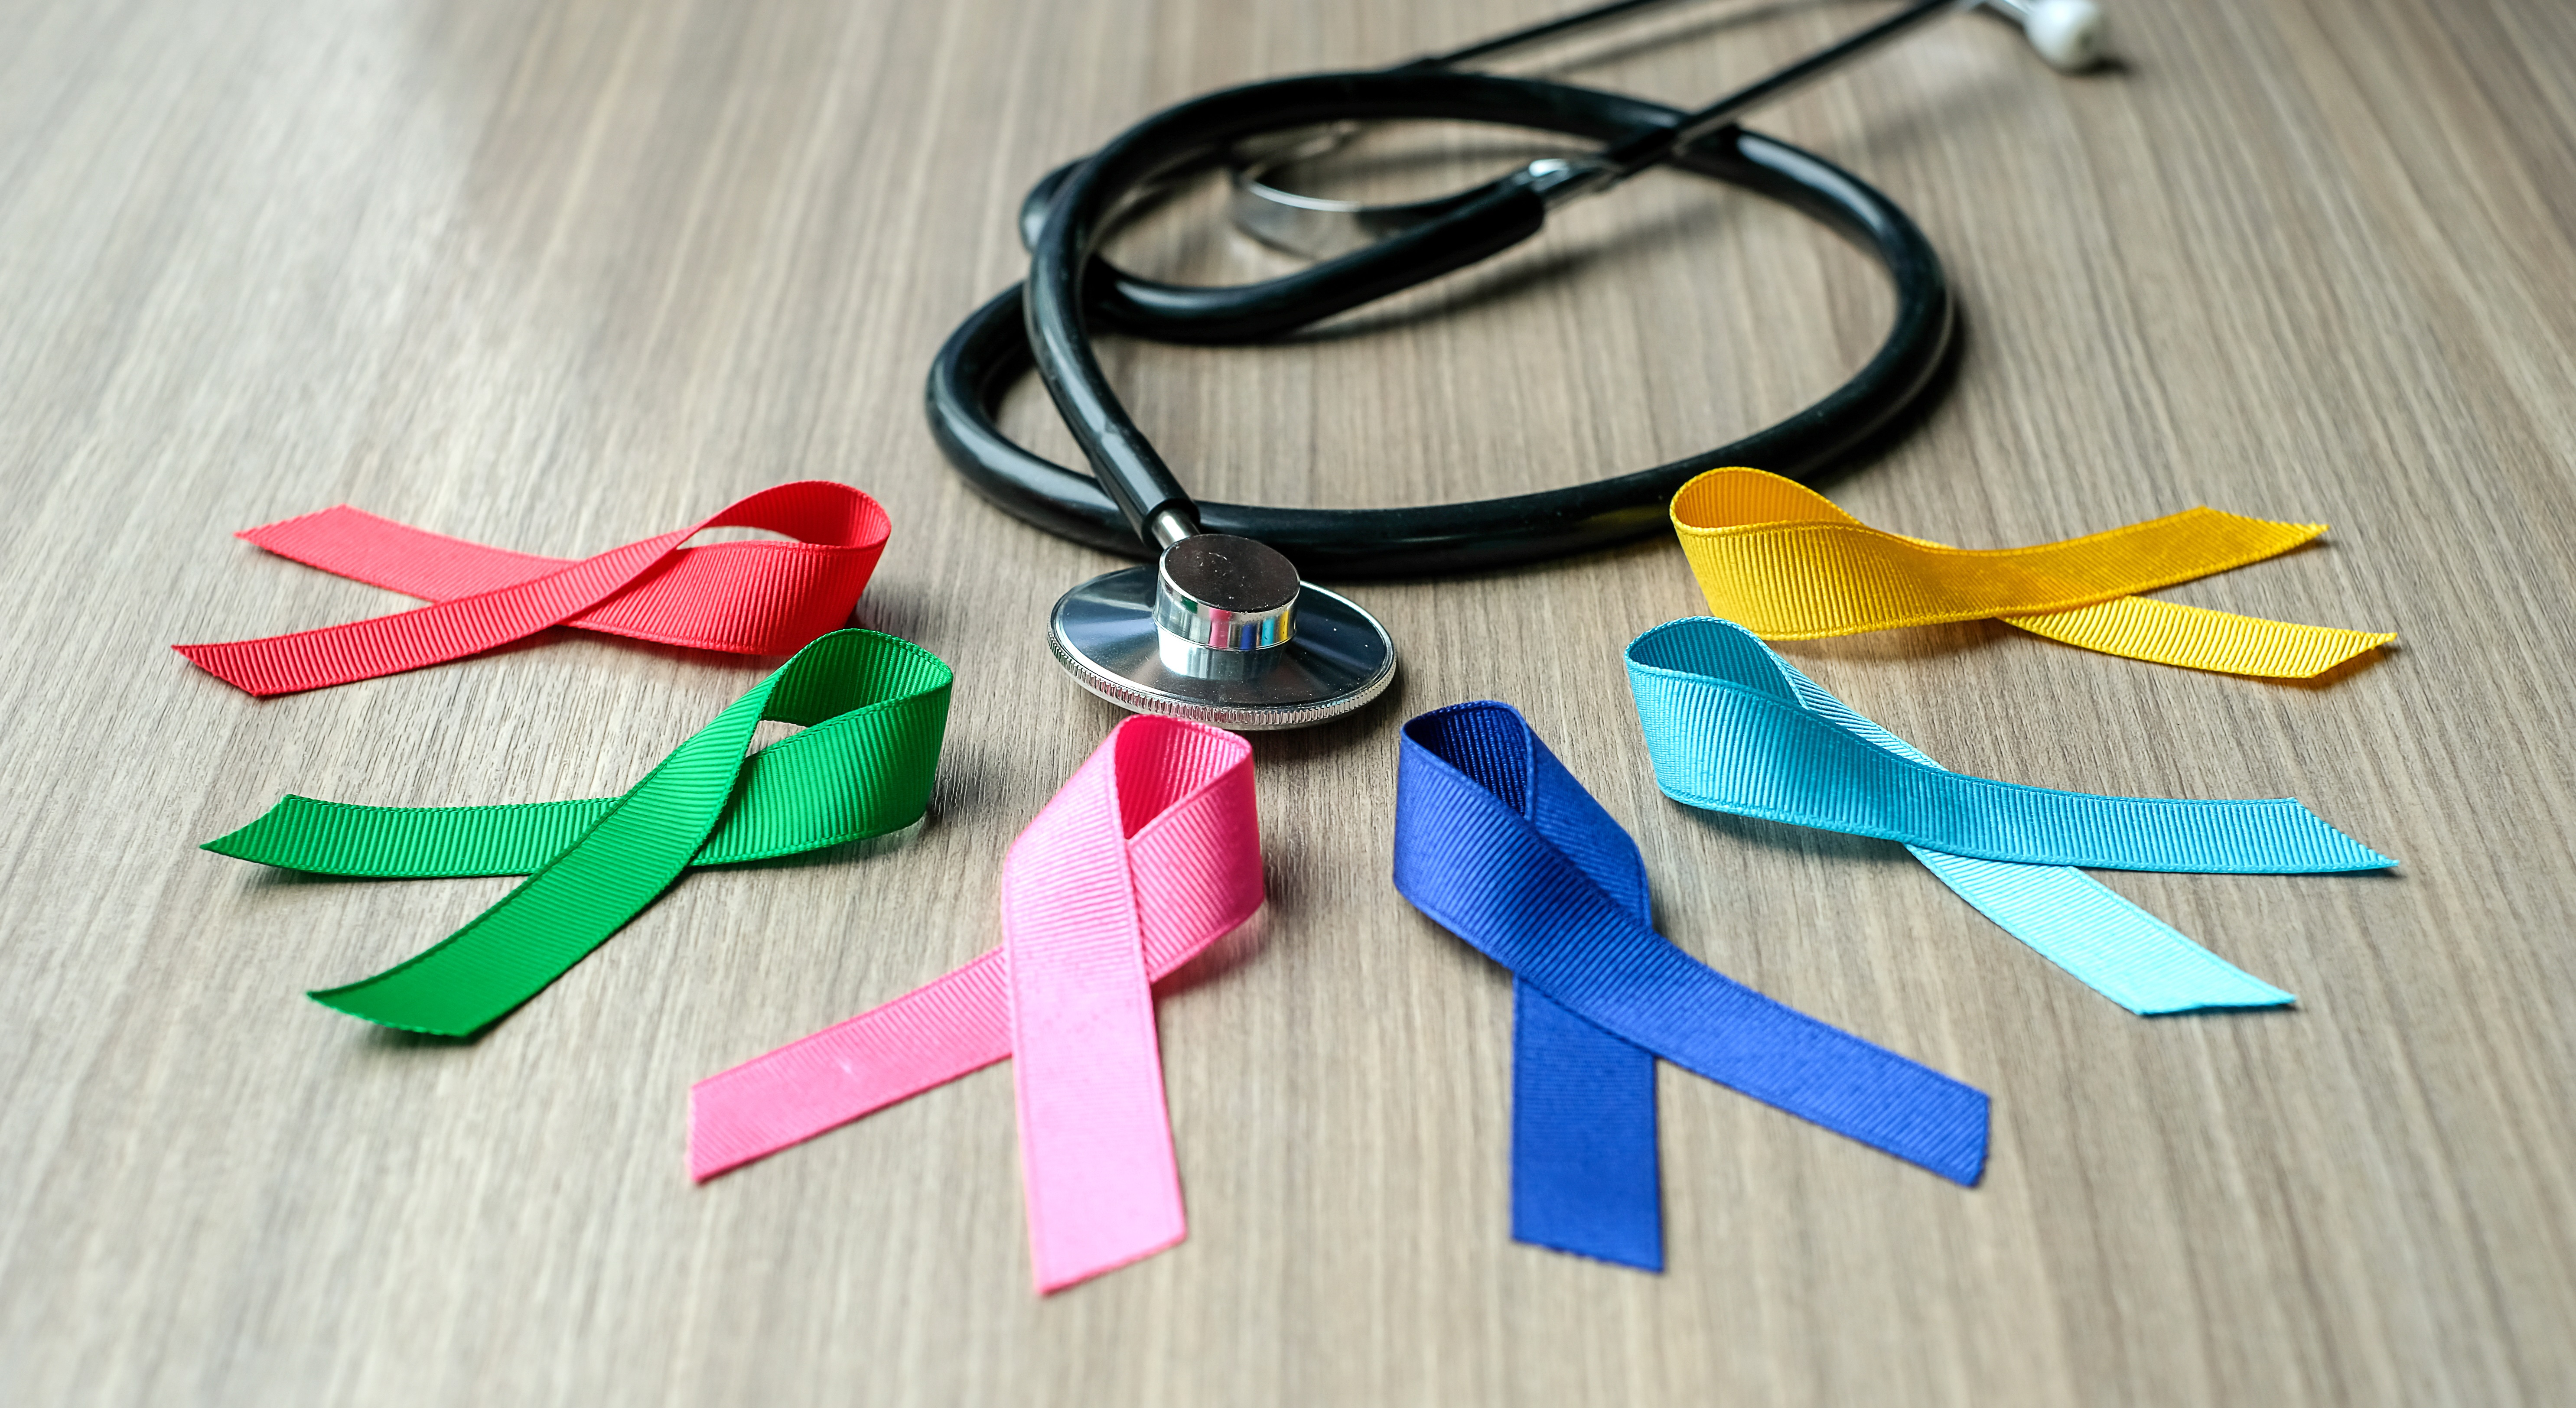 Le cancer, principale cause de mortalité dans les pays riches — Santé